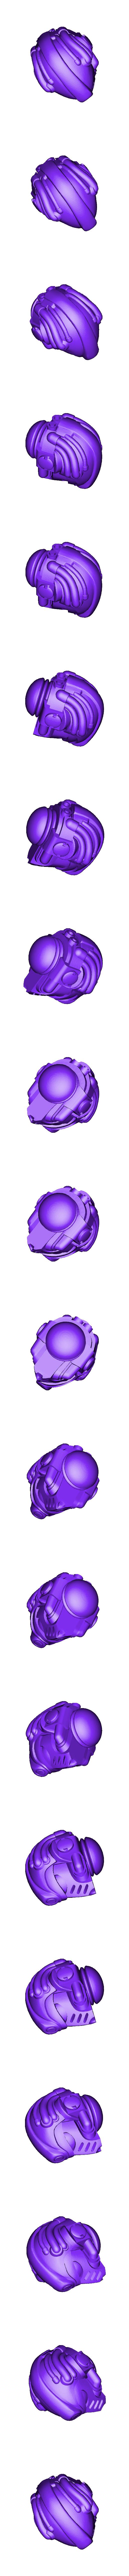 head.stl Télécharger fichier STL Barry le ver de bibliothèque • Plan imprimable en 3D, mrmcangry